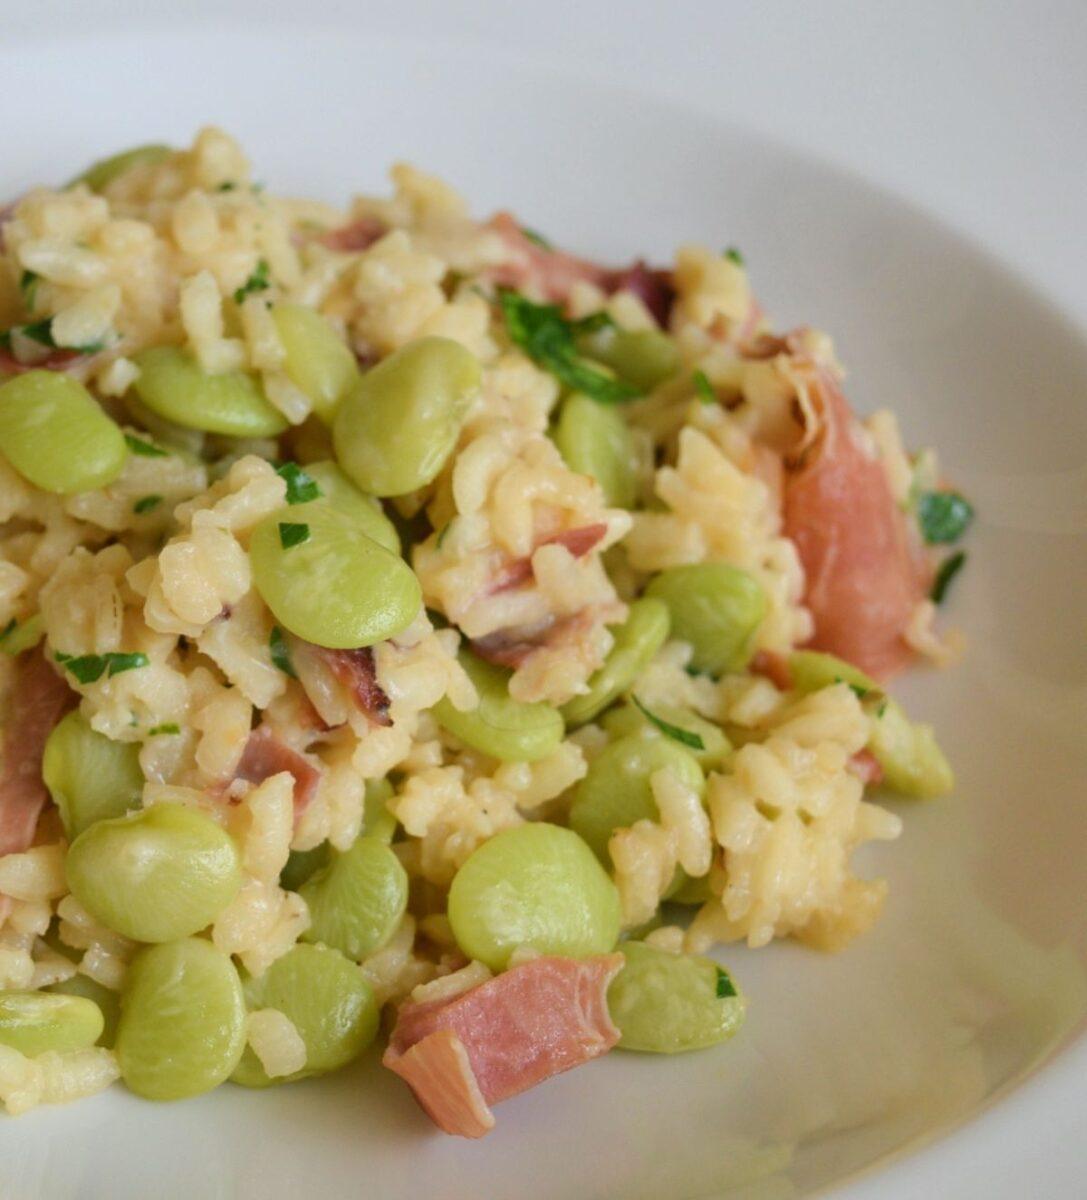 Lima Bean and Prosciutto Risotto Recipe